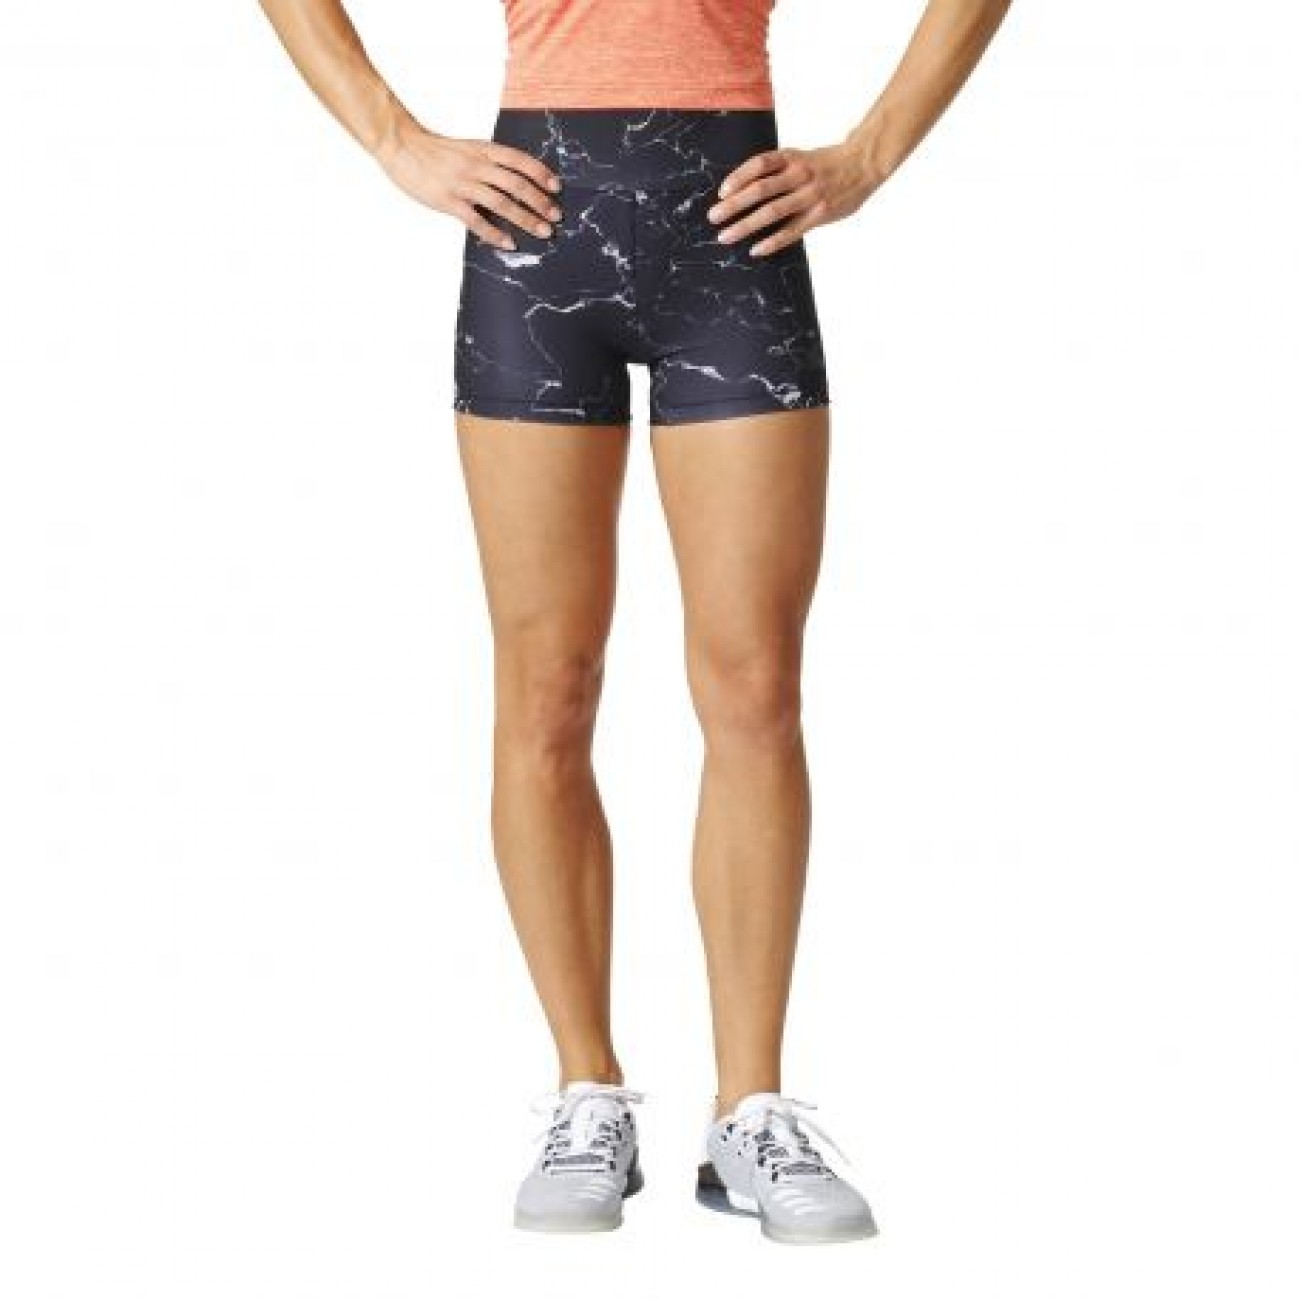 Achat short femme pas cher - Vetement fitness et mode 55de168fbd9